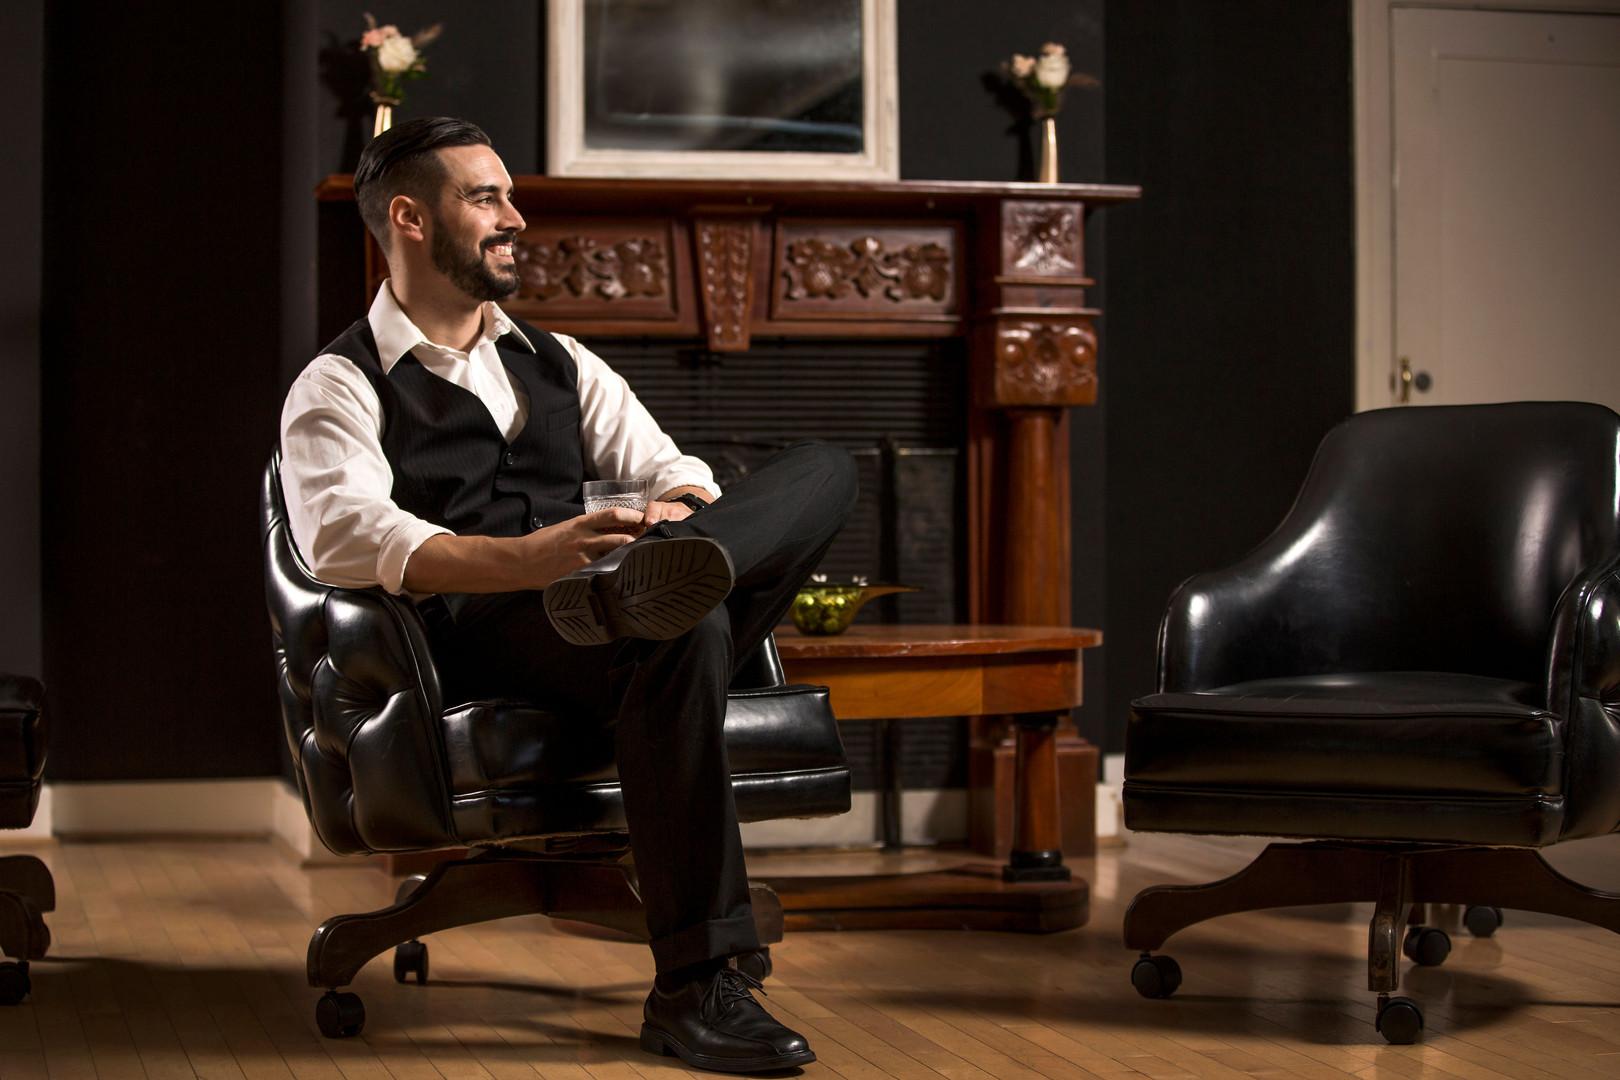 The Amerige Room - Groom Portraits